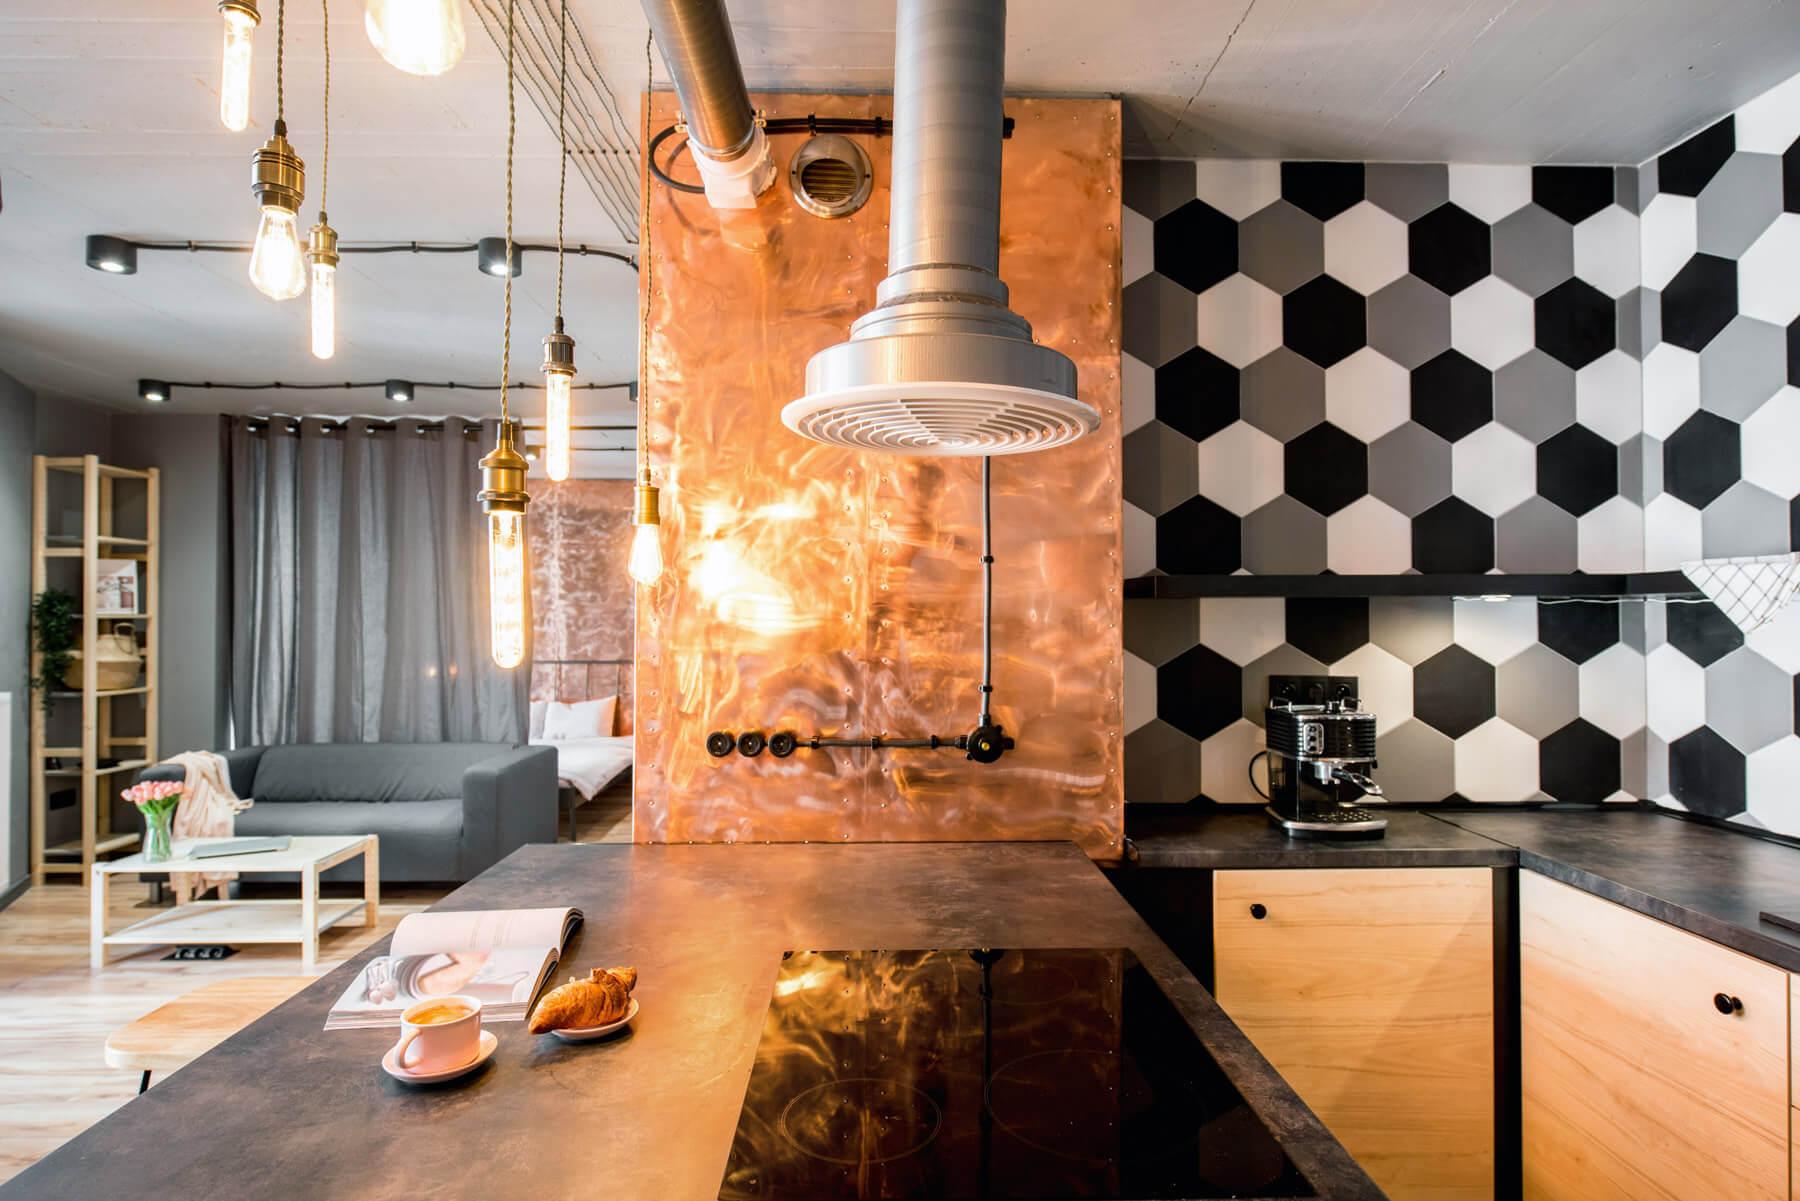 kuchnia w stylu industrialnych